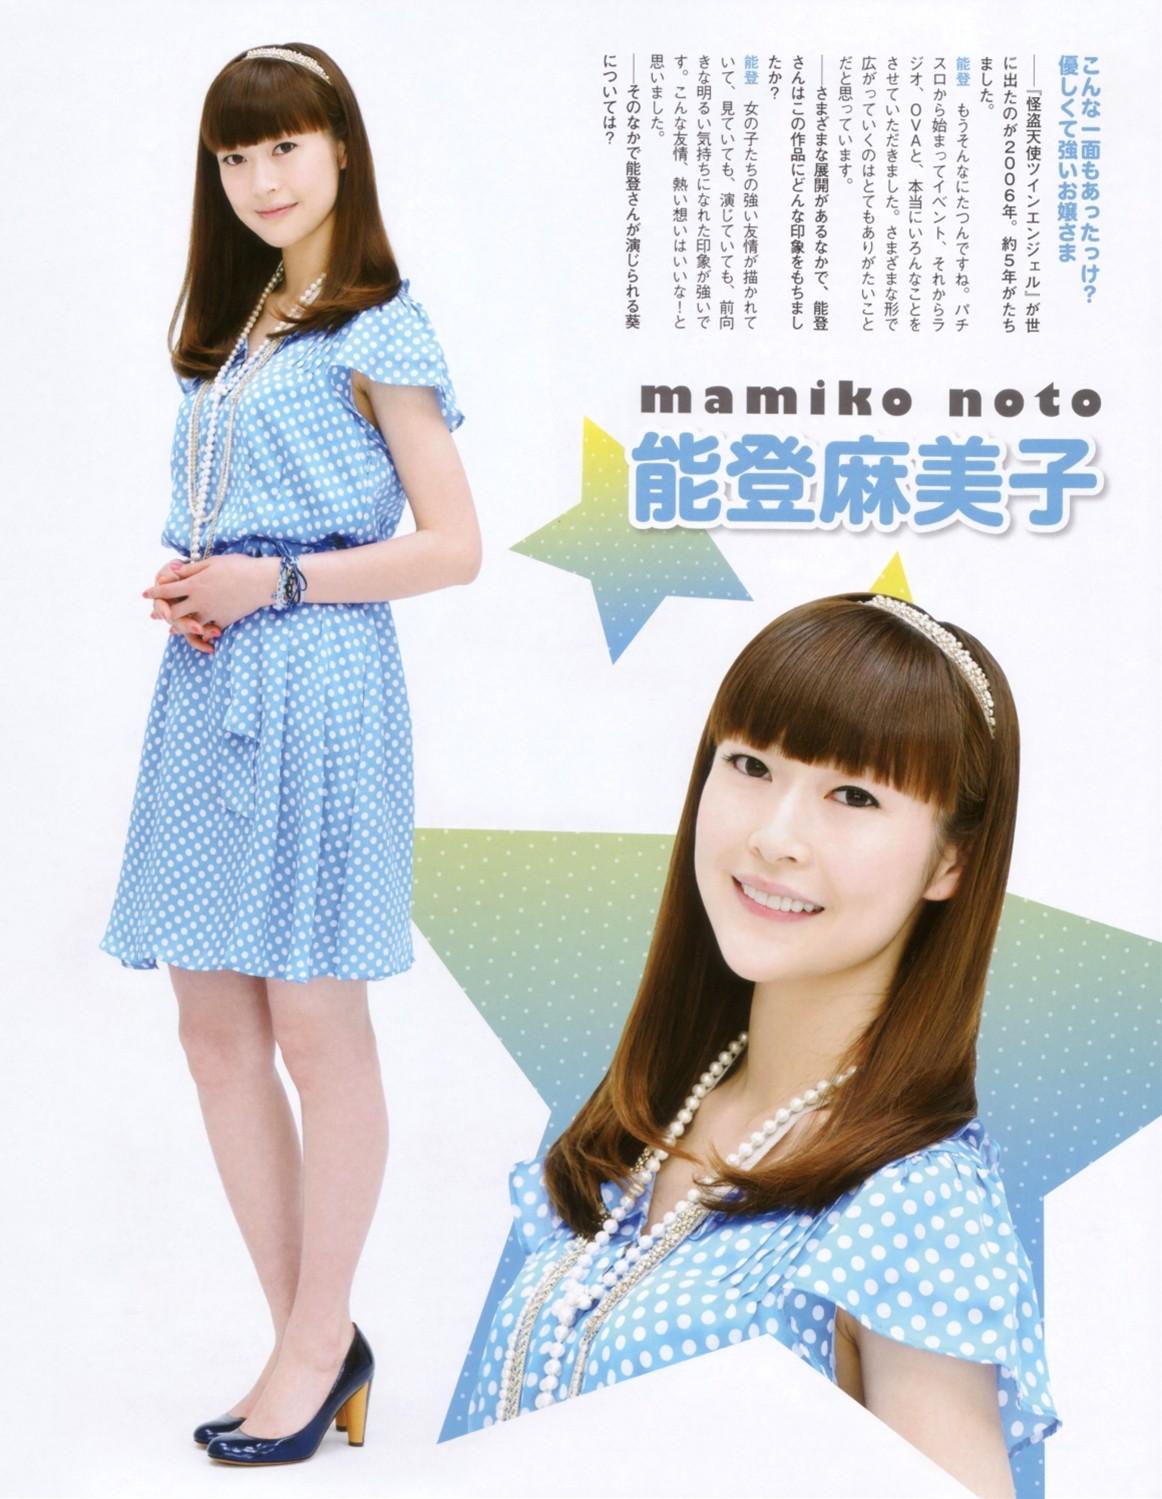 能登麻美子さん 見て和む畫像壁紙集 - page2   まとめアットウィキ